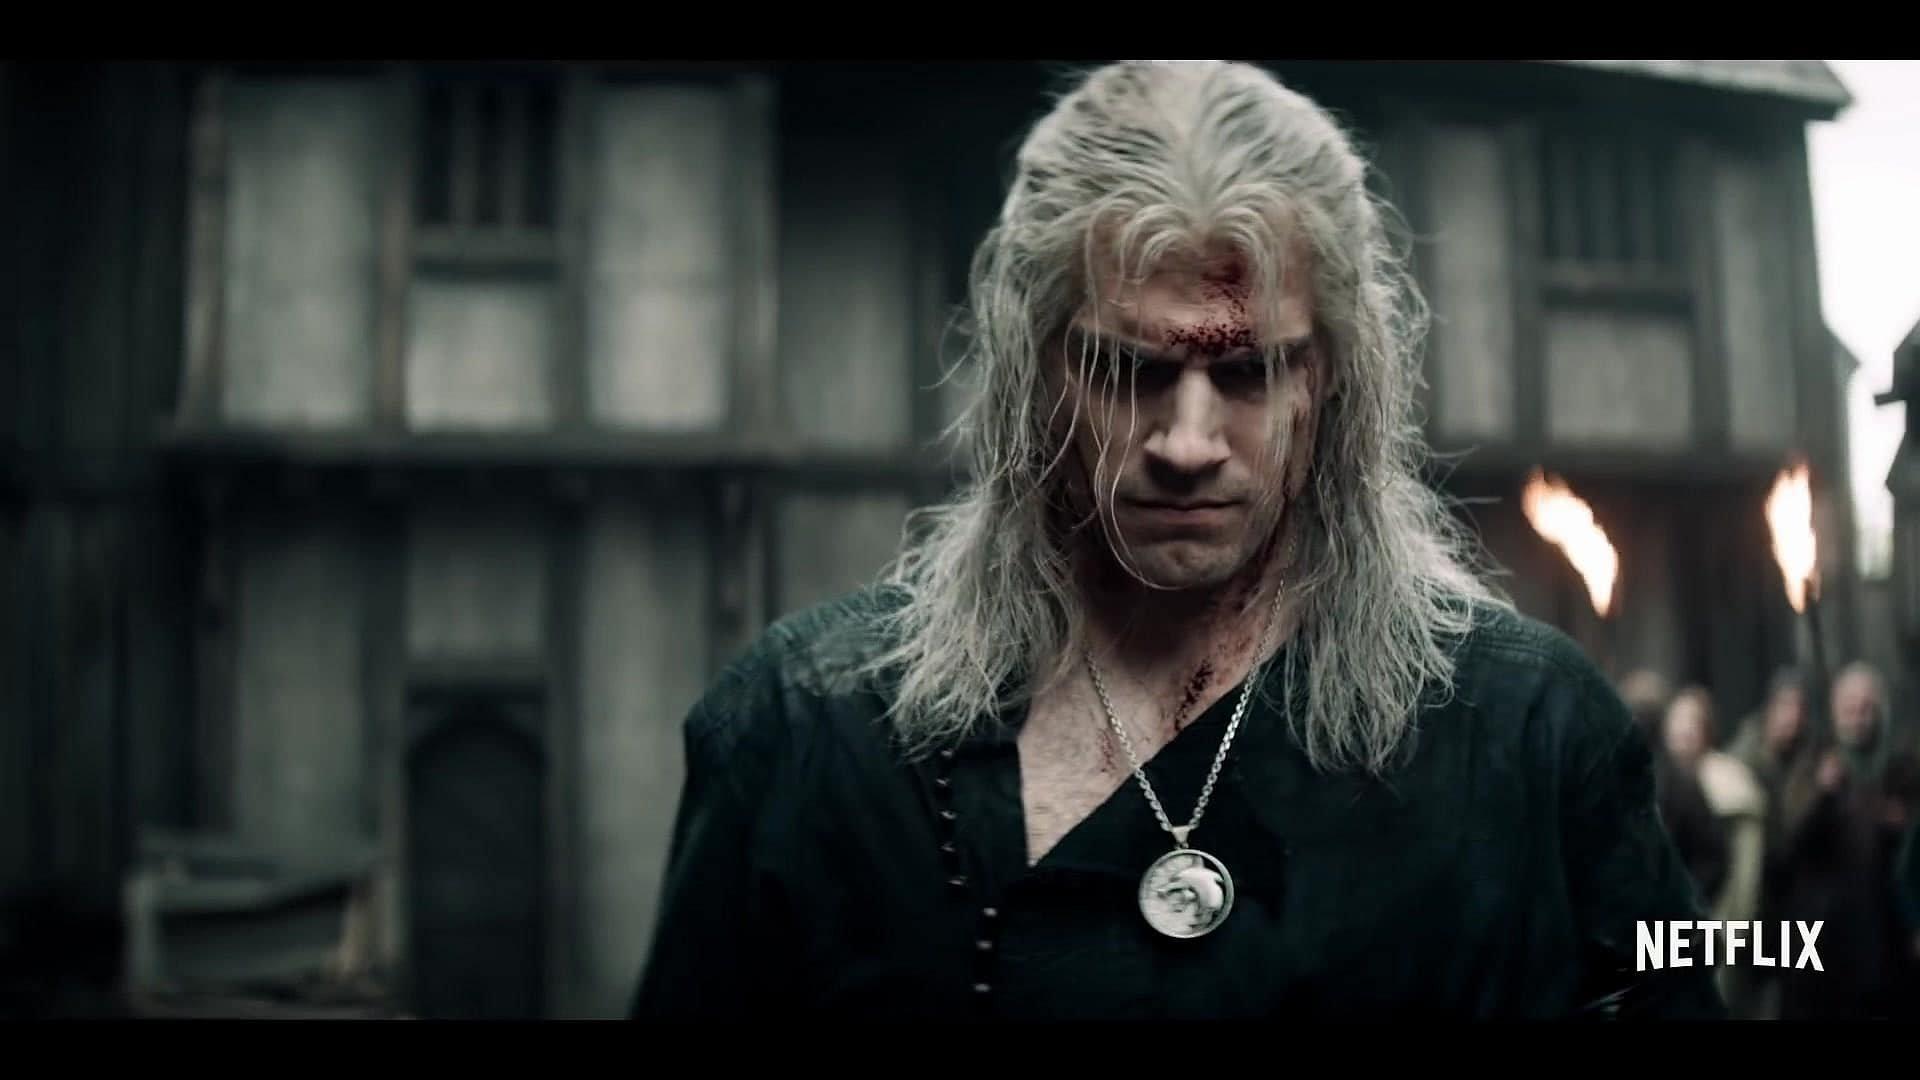 The Witcher Netflix Full HD Wallpaper